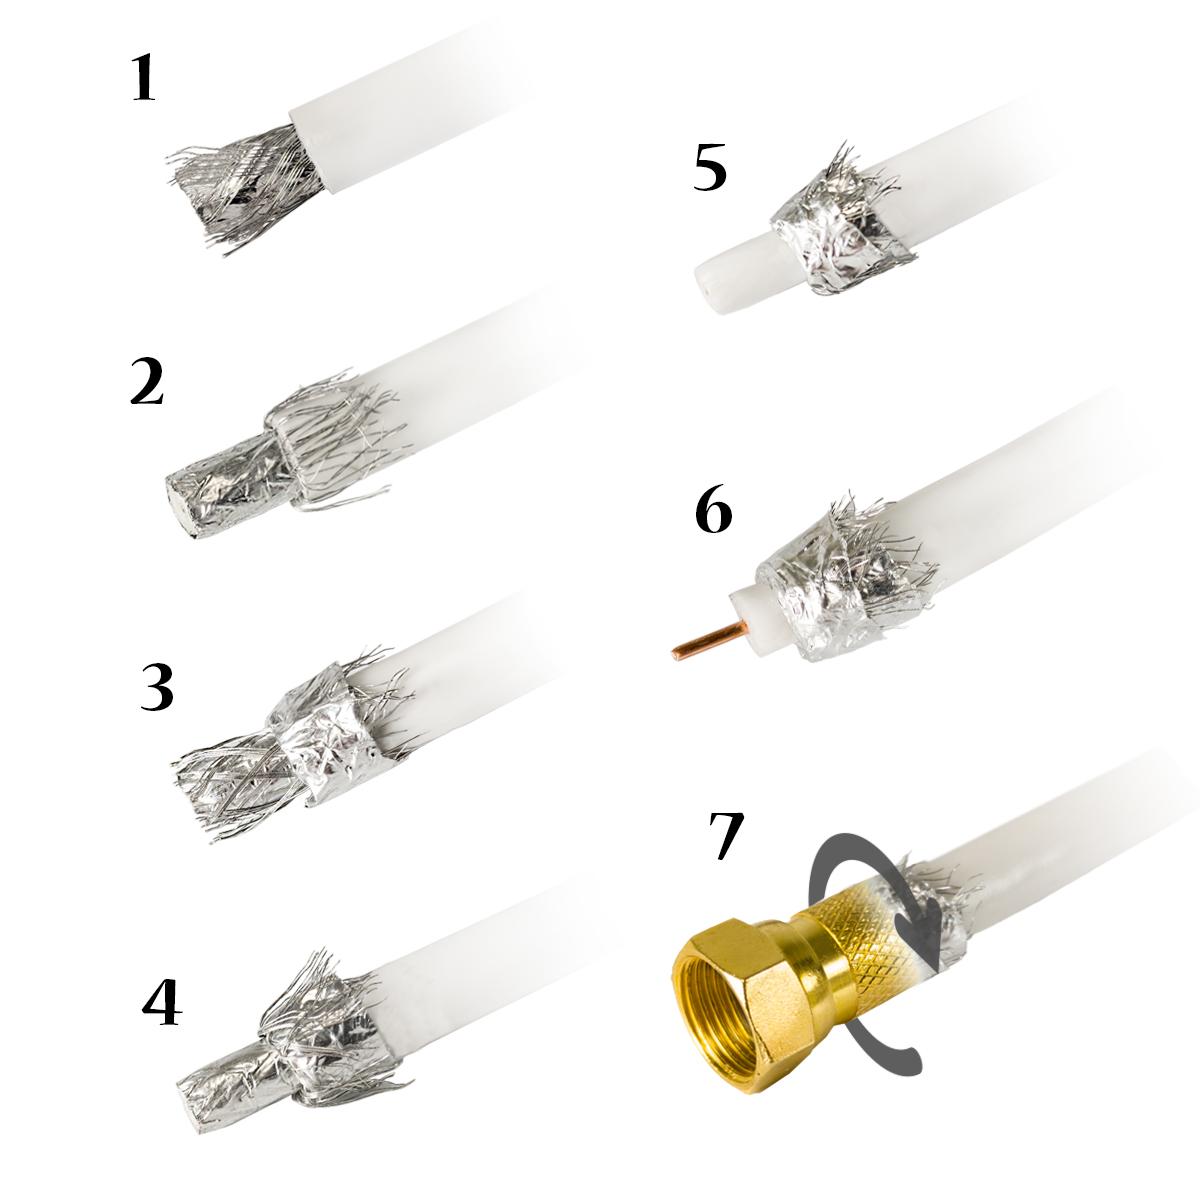 PremiumX BASIC 500 m Koaxial Kabel 135 dB 4-Fach geschirmt Kupfer-Stahl CCS Koax Sat Antennenkabel RG-6 CE ROHS Class A 500m